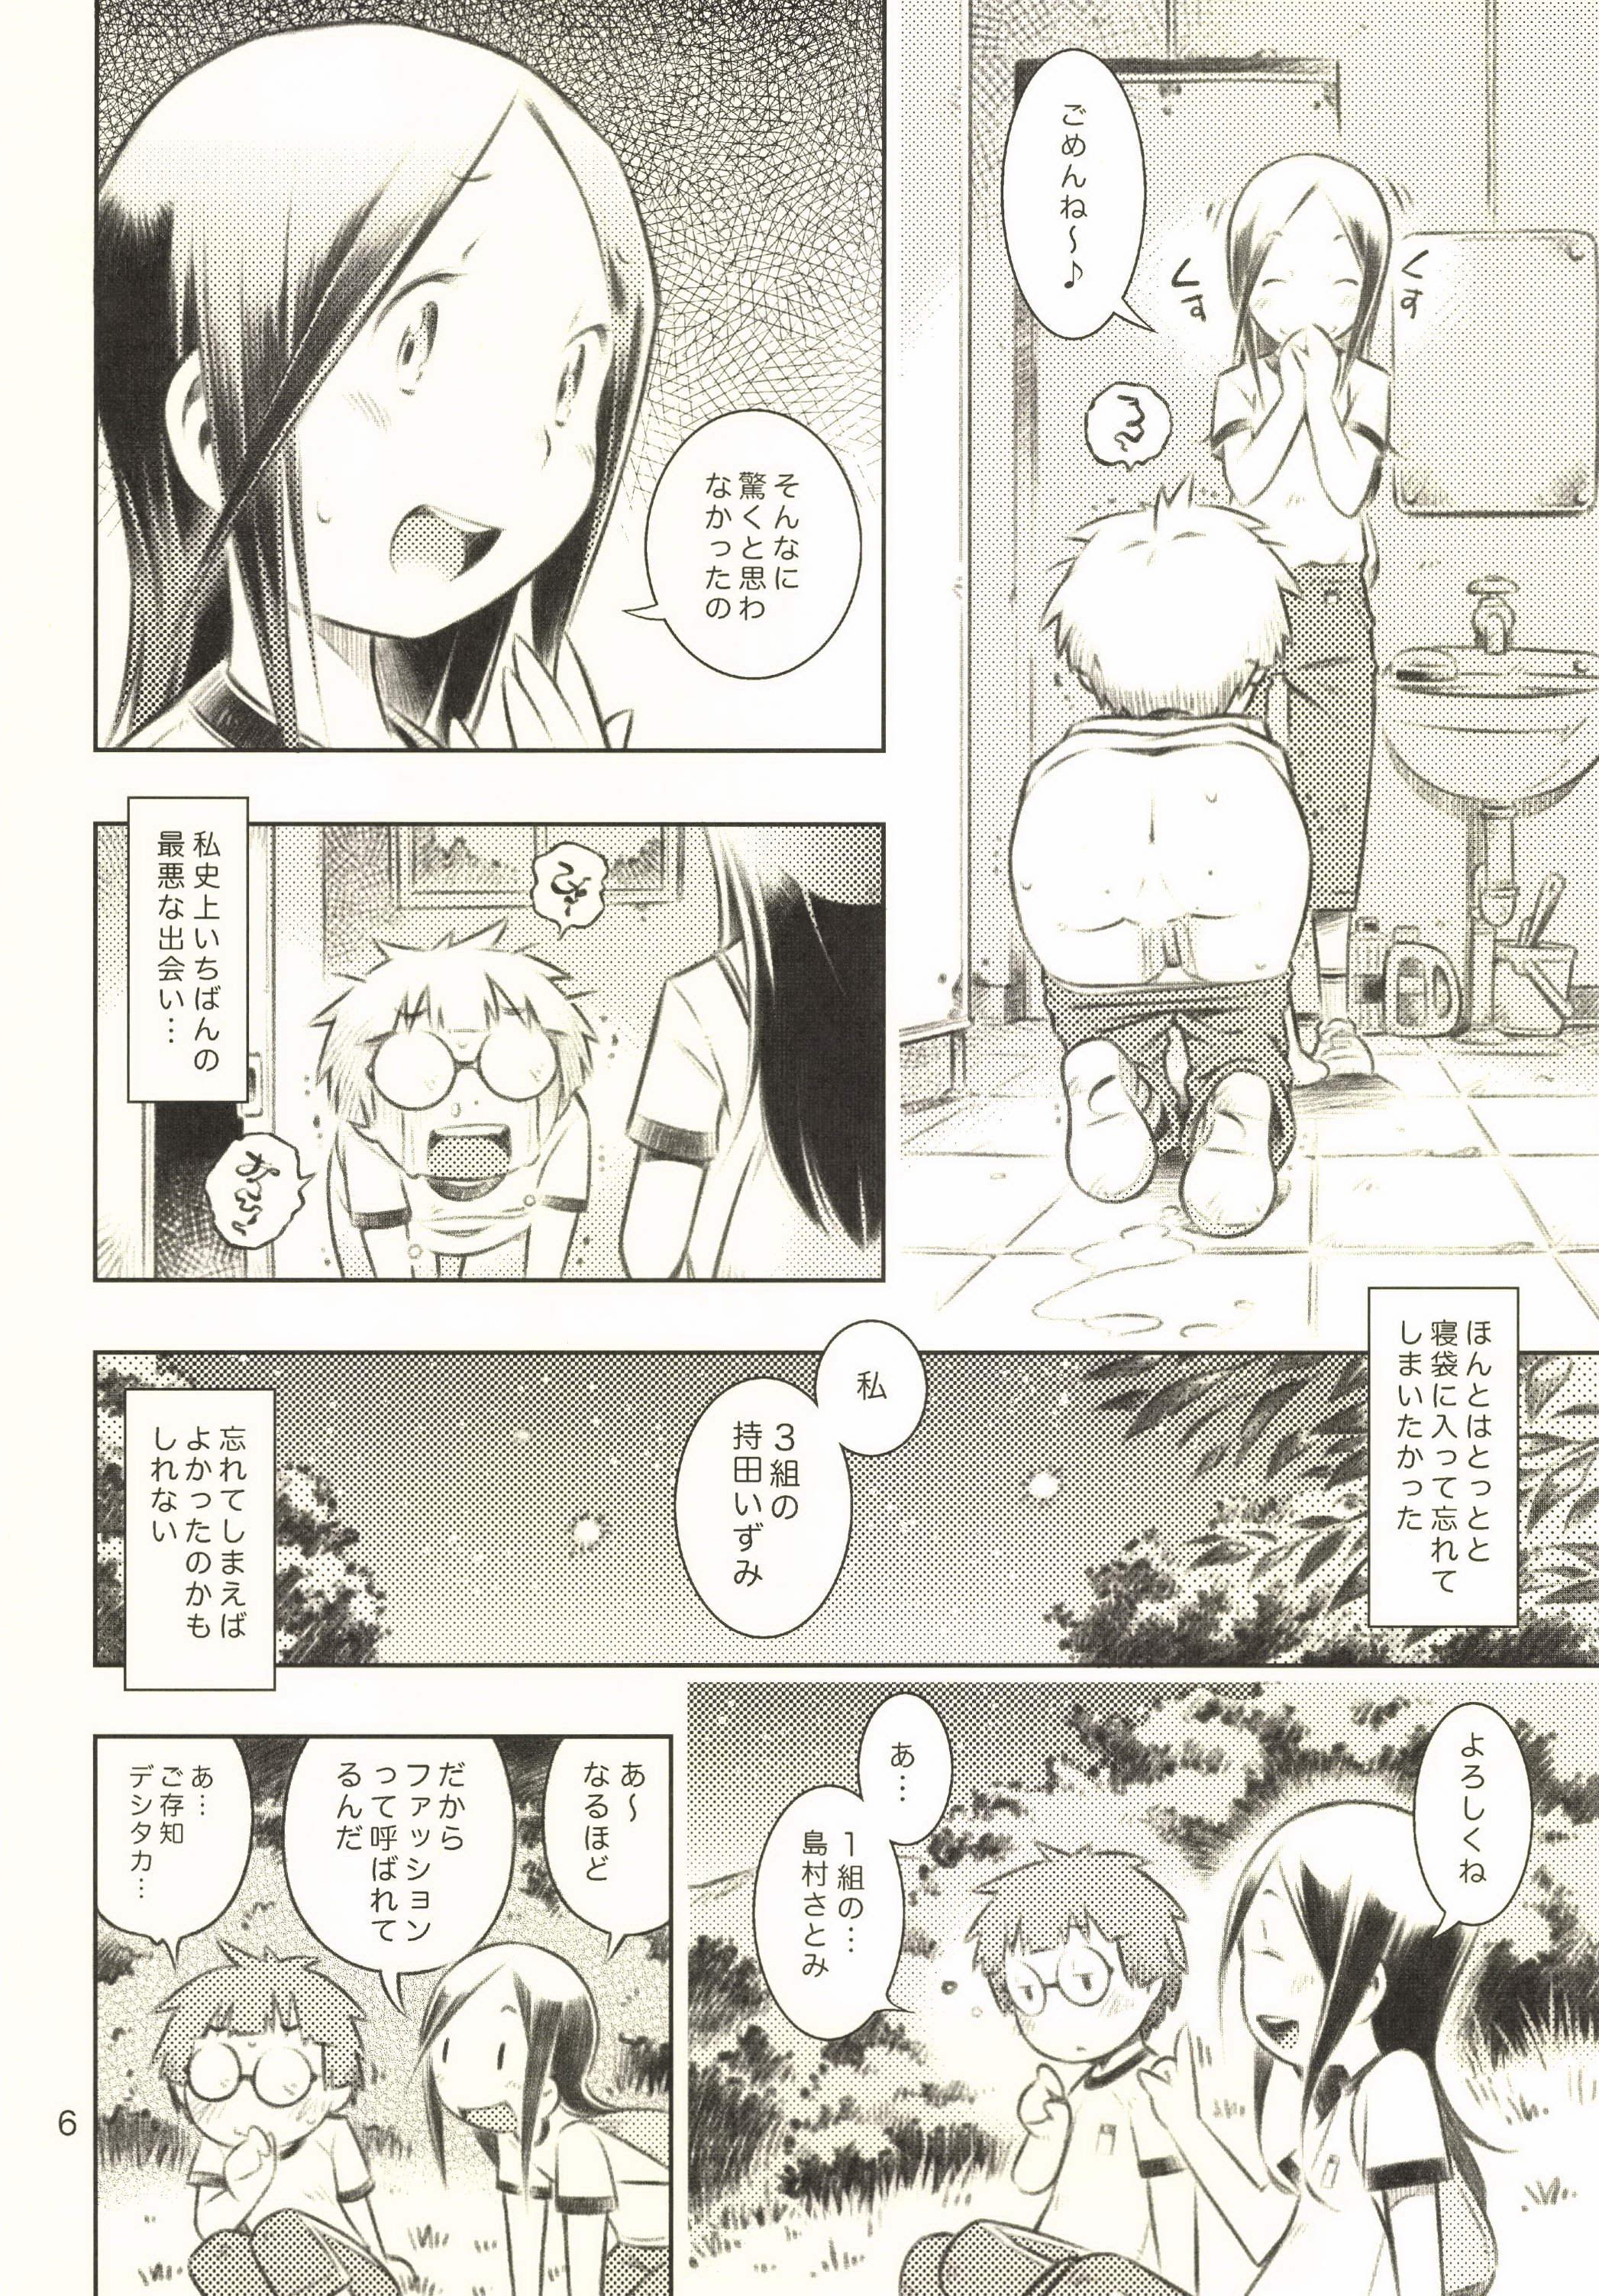 【エロ漫画・エロ同人】貧乳ロリ少女が林間学校で出会った少女にエッチ教えられてるwオナニー教えられアナルの気持ち良さもレズセックスもねwww ふゆの星座 (5)